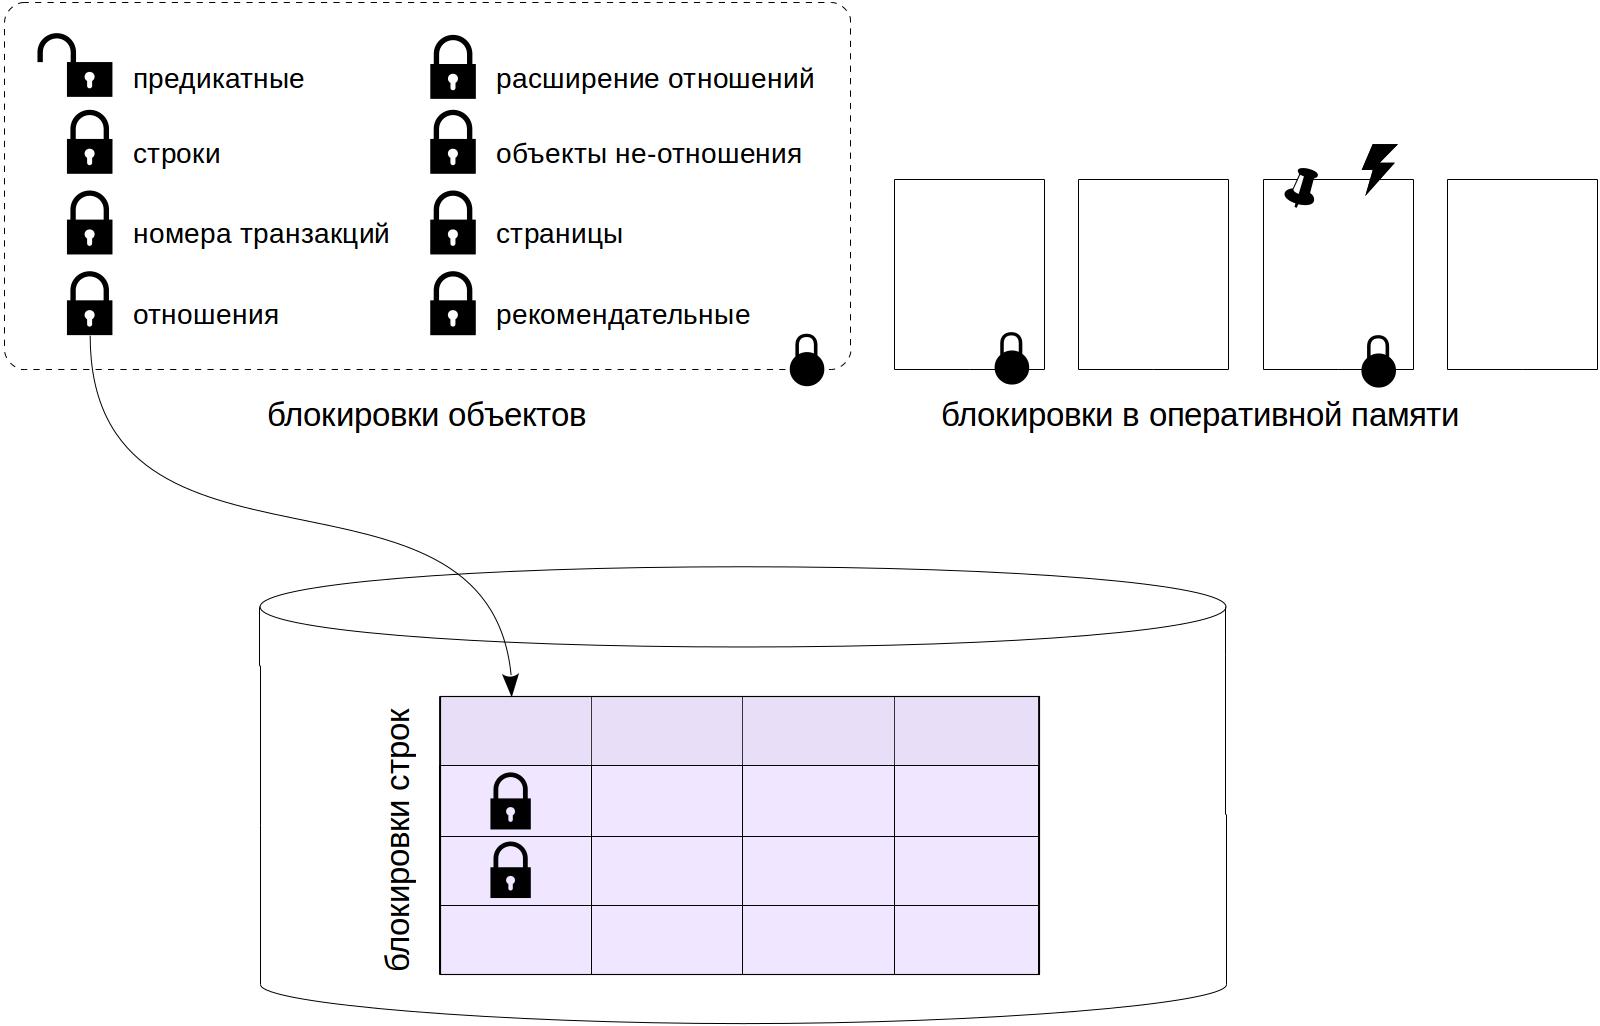 Блокировки в PostgreSQL: 1. Блокировки отношений - 1